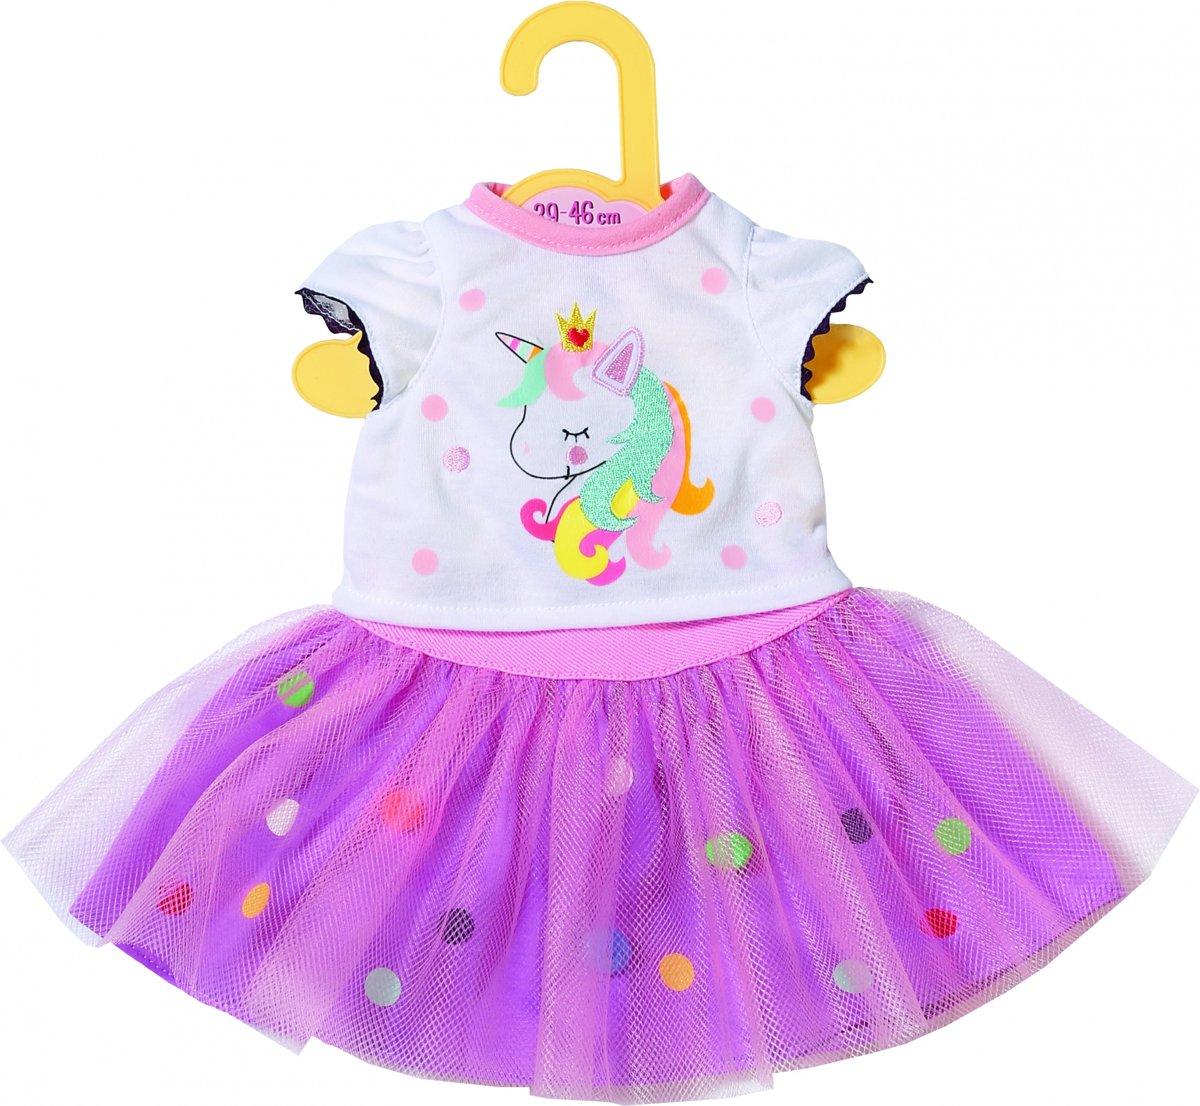 Dolly Moda Unicorn Shirt with Tutu 43cm